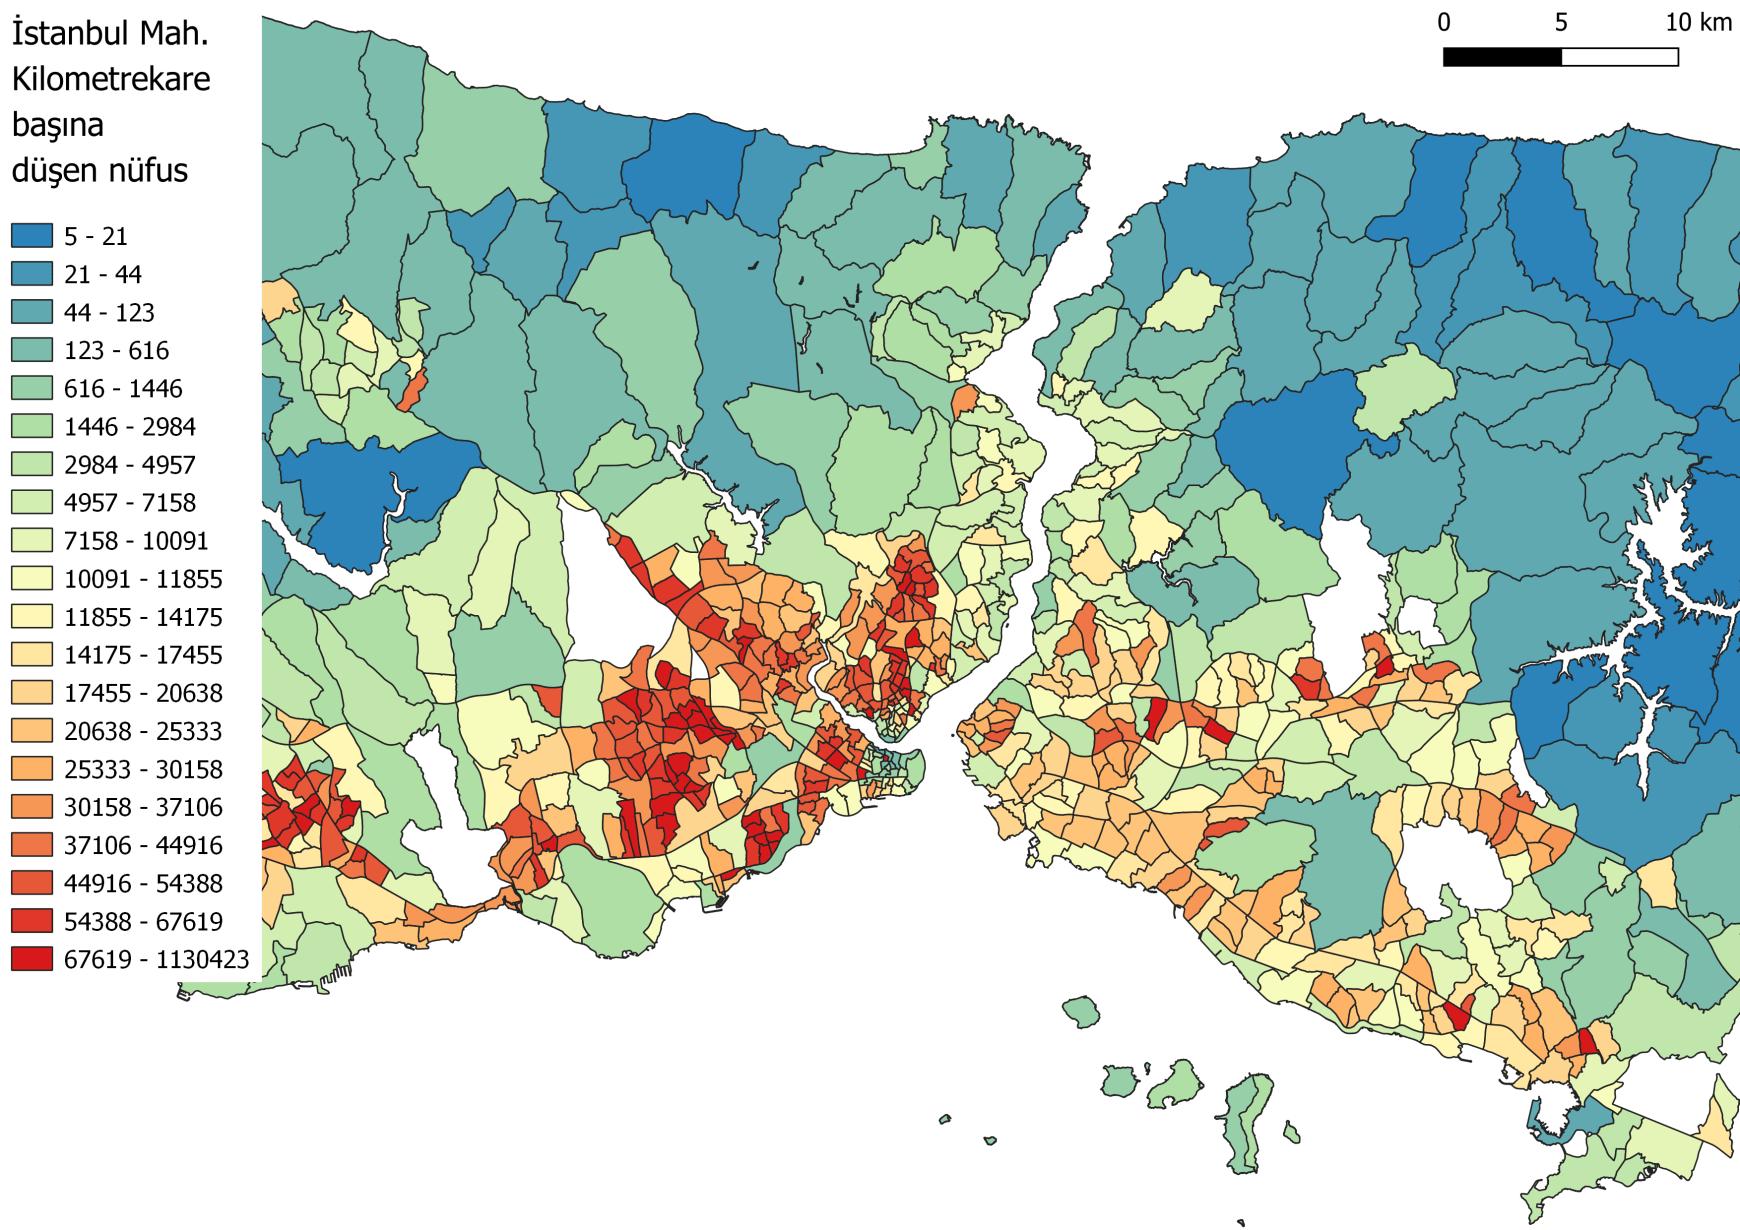 Editörün görsel eki: Sinan Tankut Gülhan, İstanbul nüfus yoğunluğu haritası, 2019